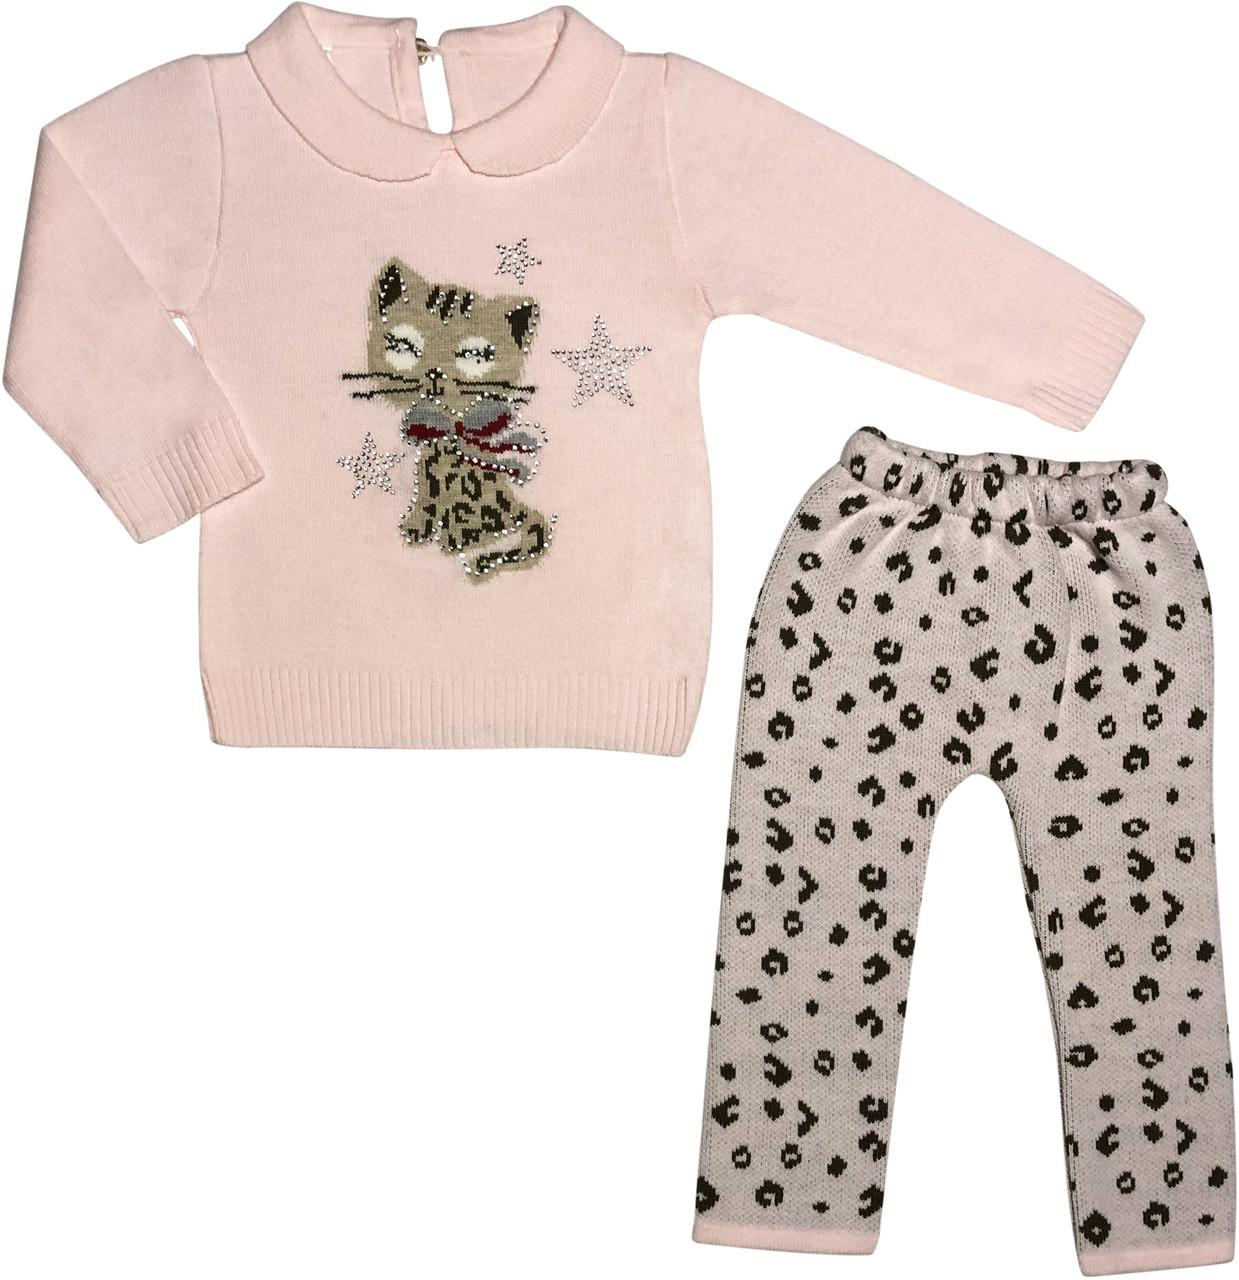 Детский тёплый костюм рост 86 1-1,5 года вязанный трикотажный розовый костюмчик на девочку нарядный комплект для новорожденных малышей ТН168